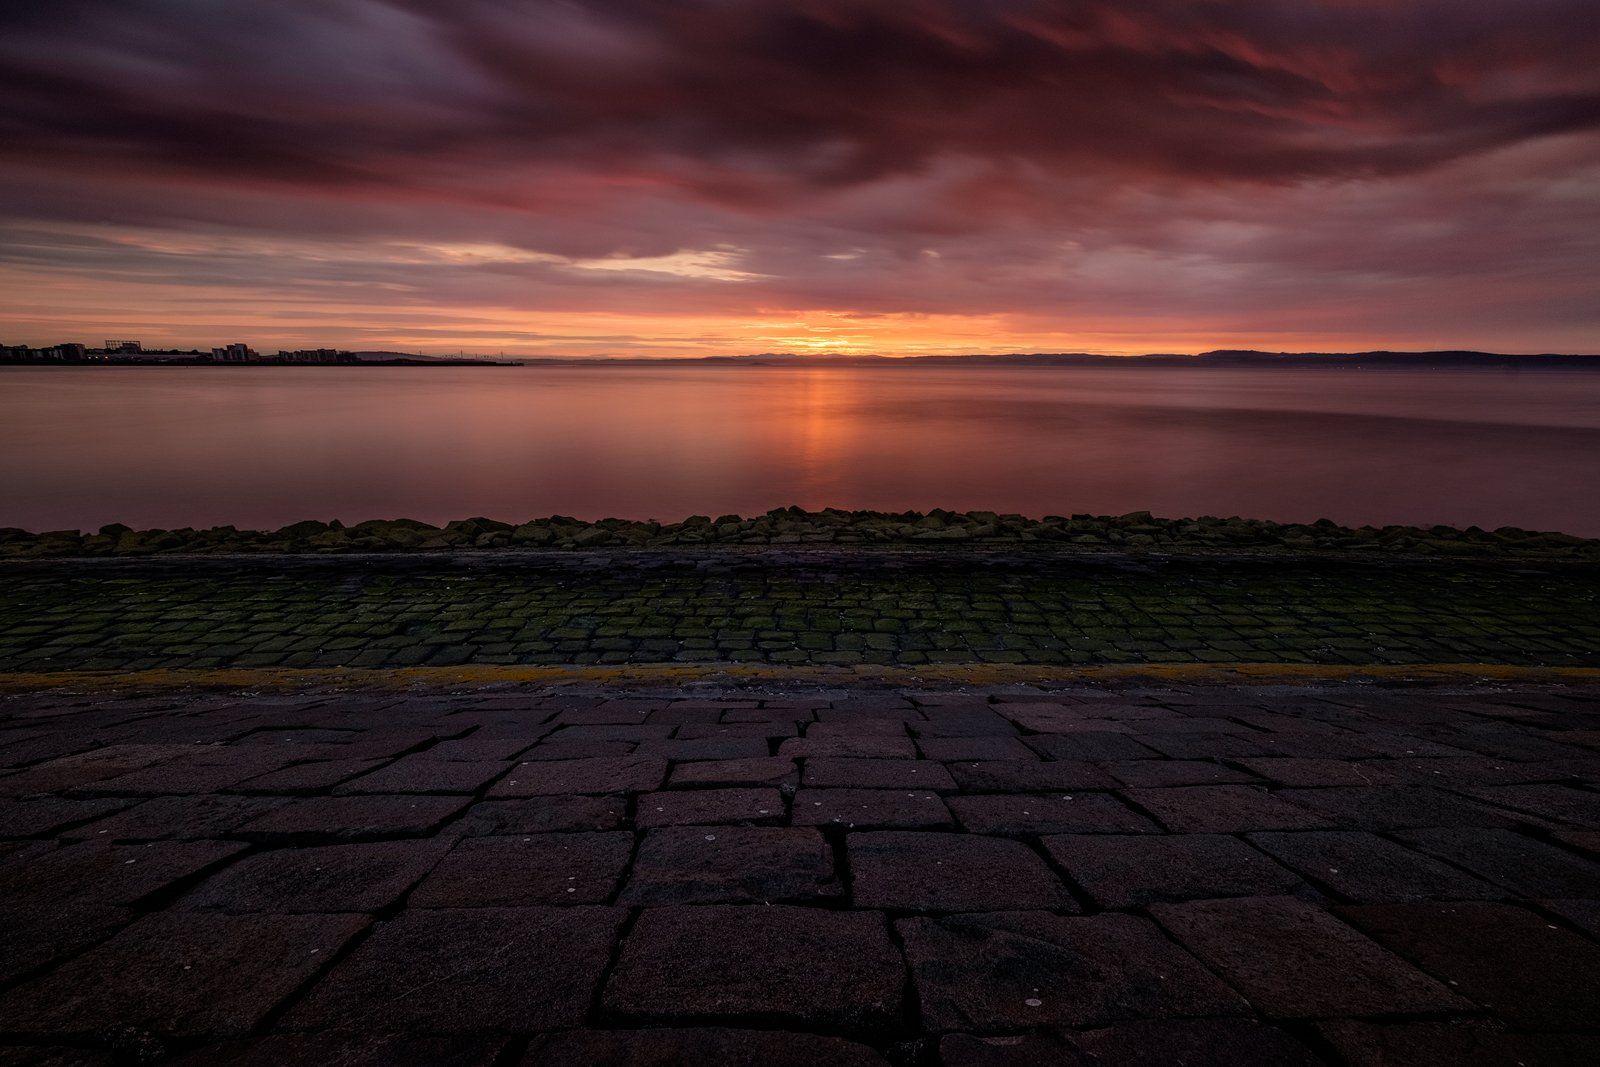 закат, Эдинбург, Шотландия, море, пейзаж, Александр Панфилов